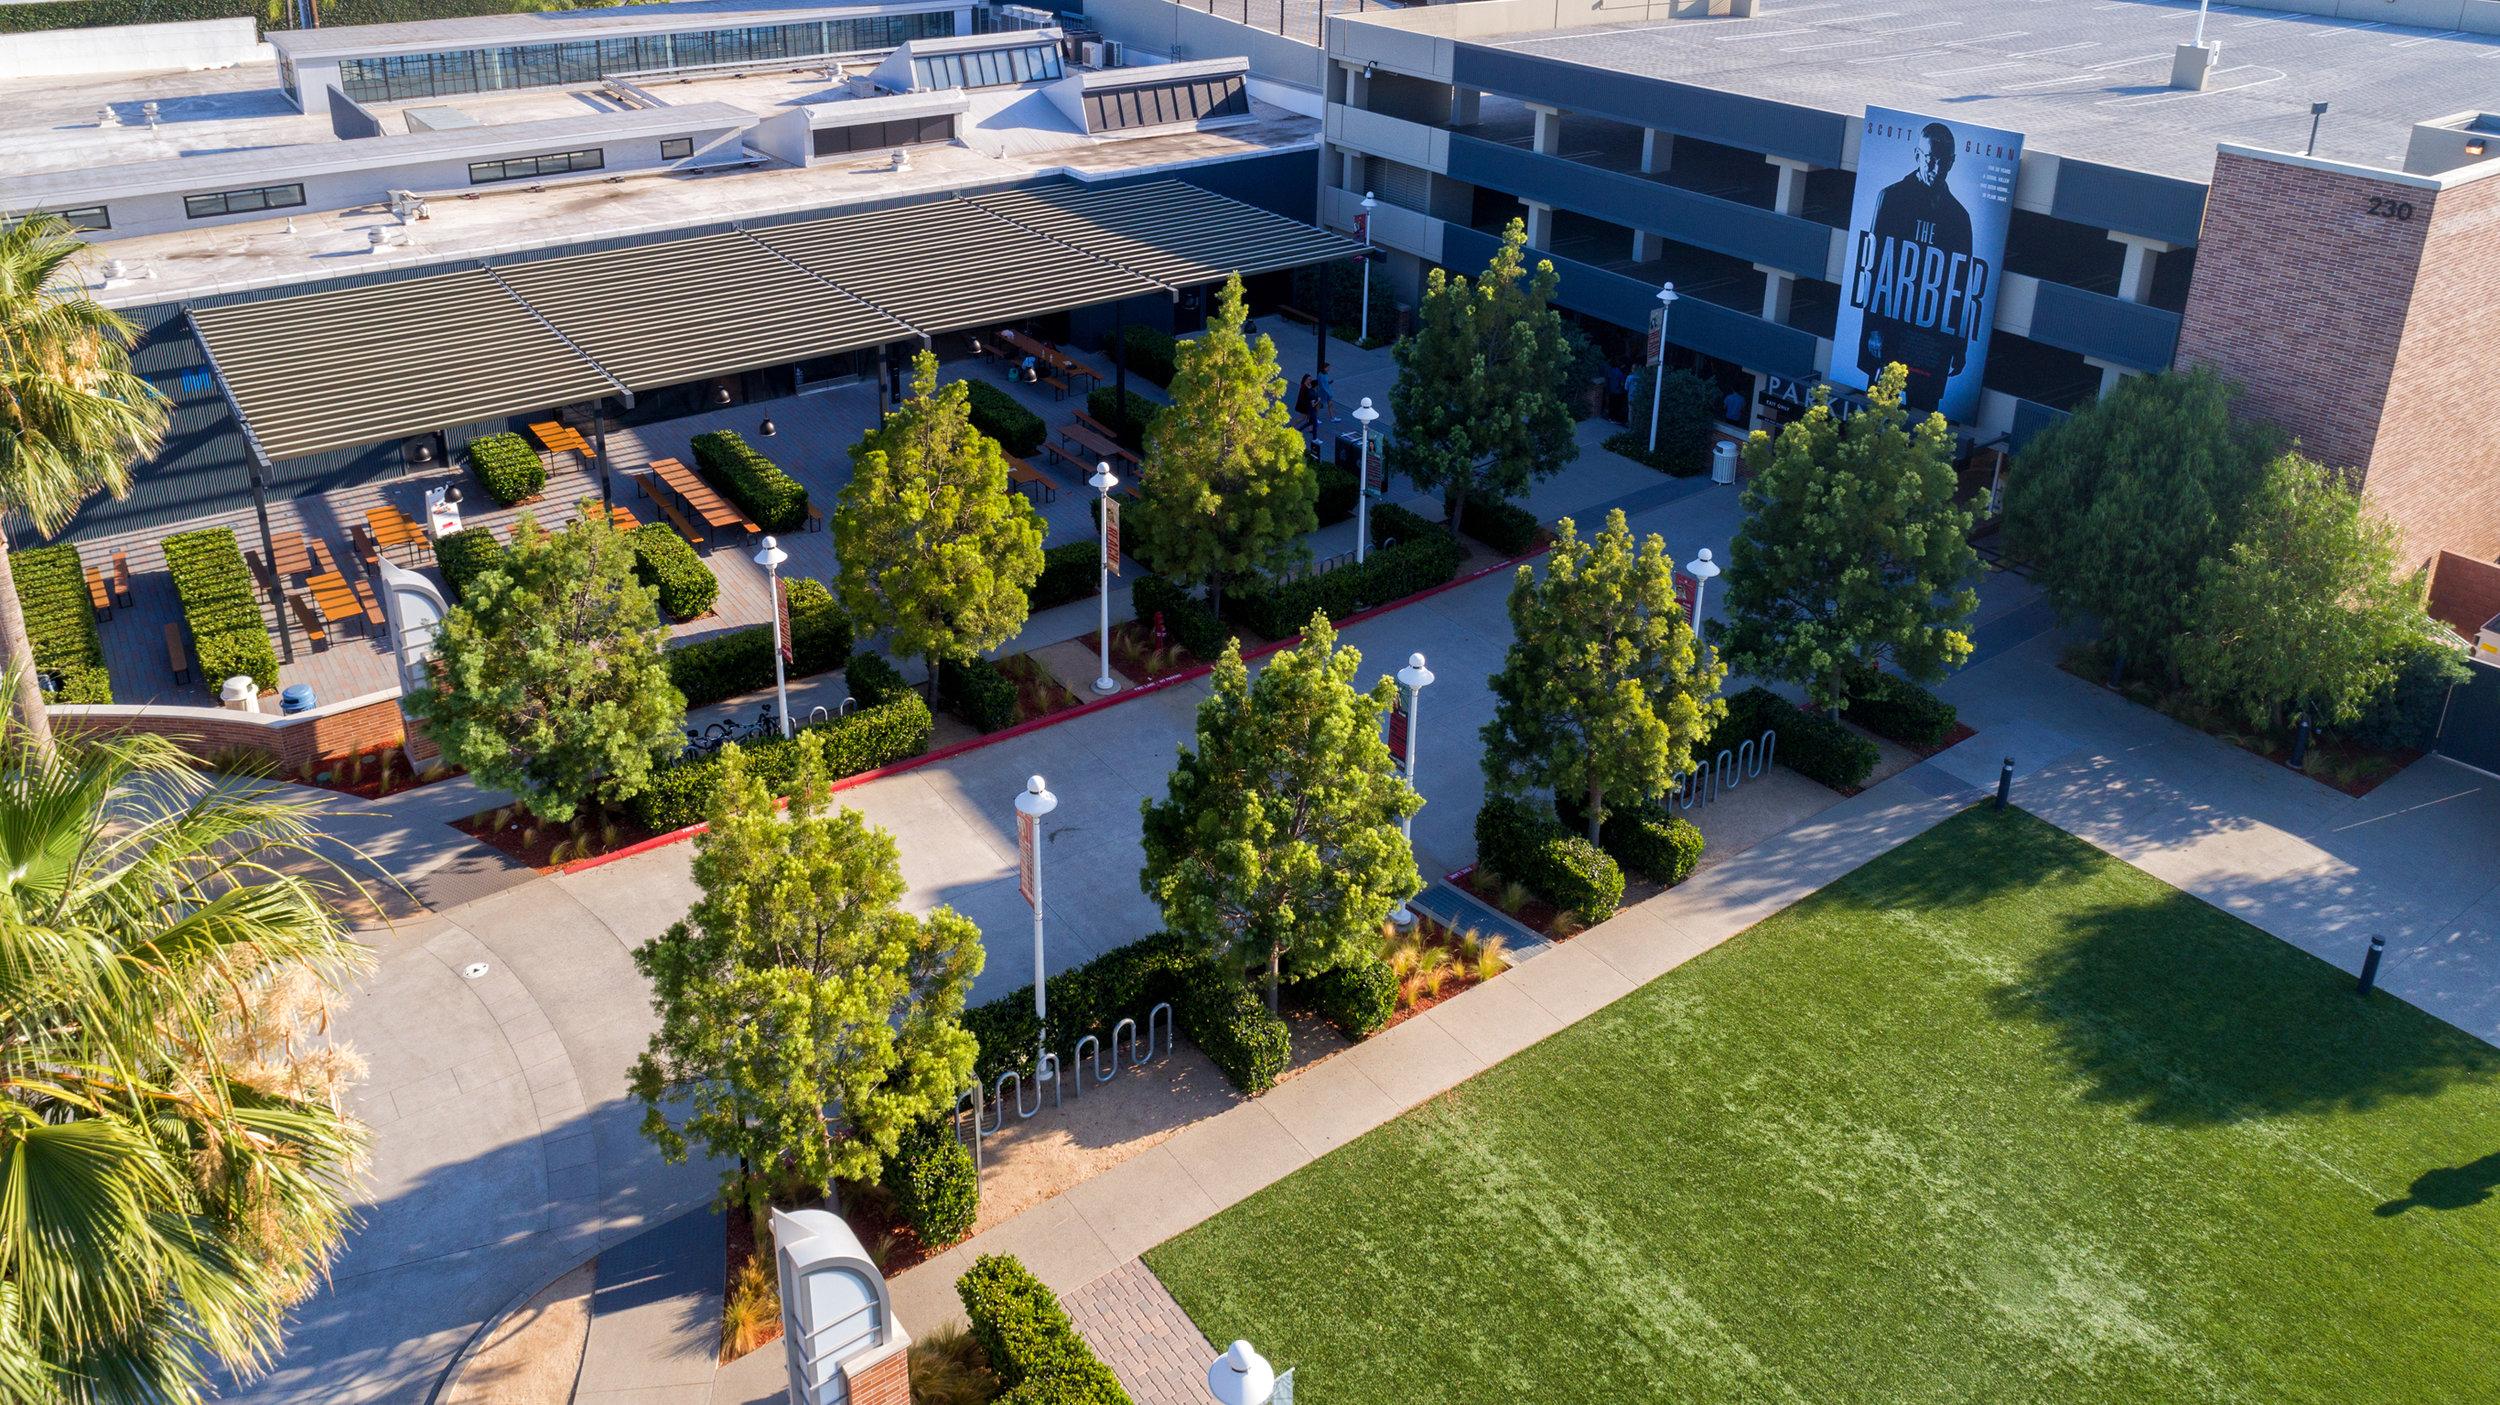 ChapmanUniversity - Digital Media Arts Center